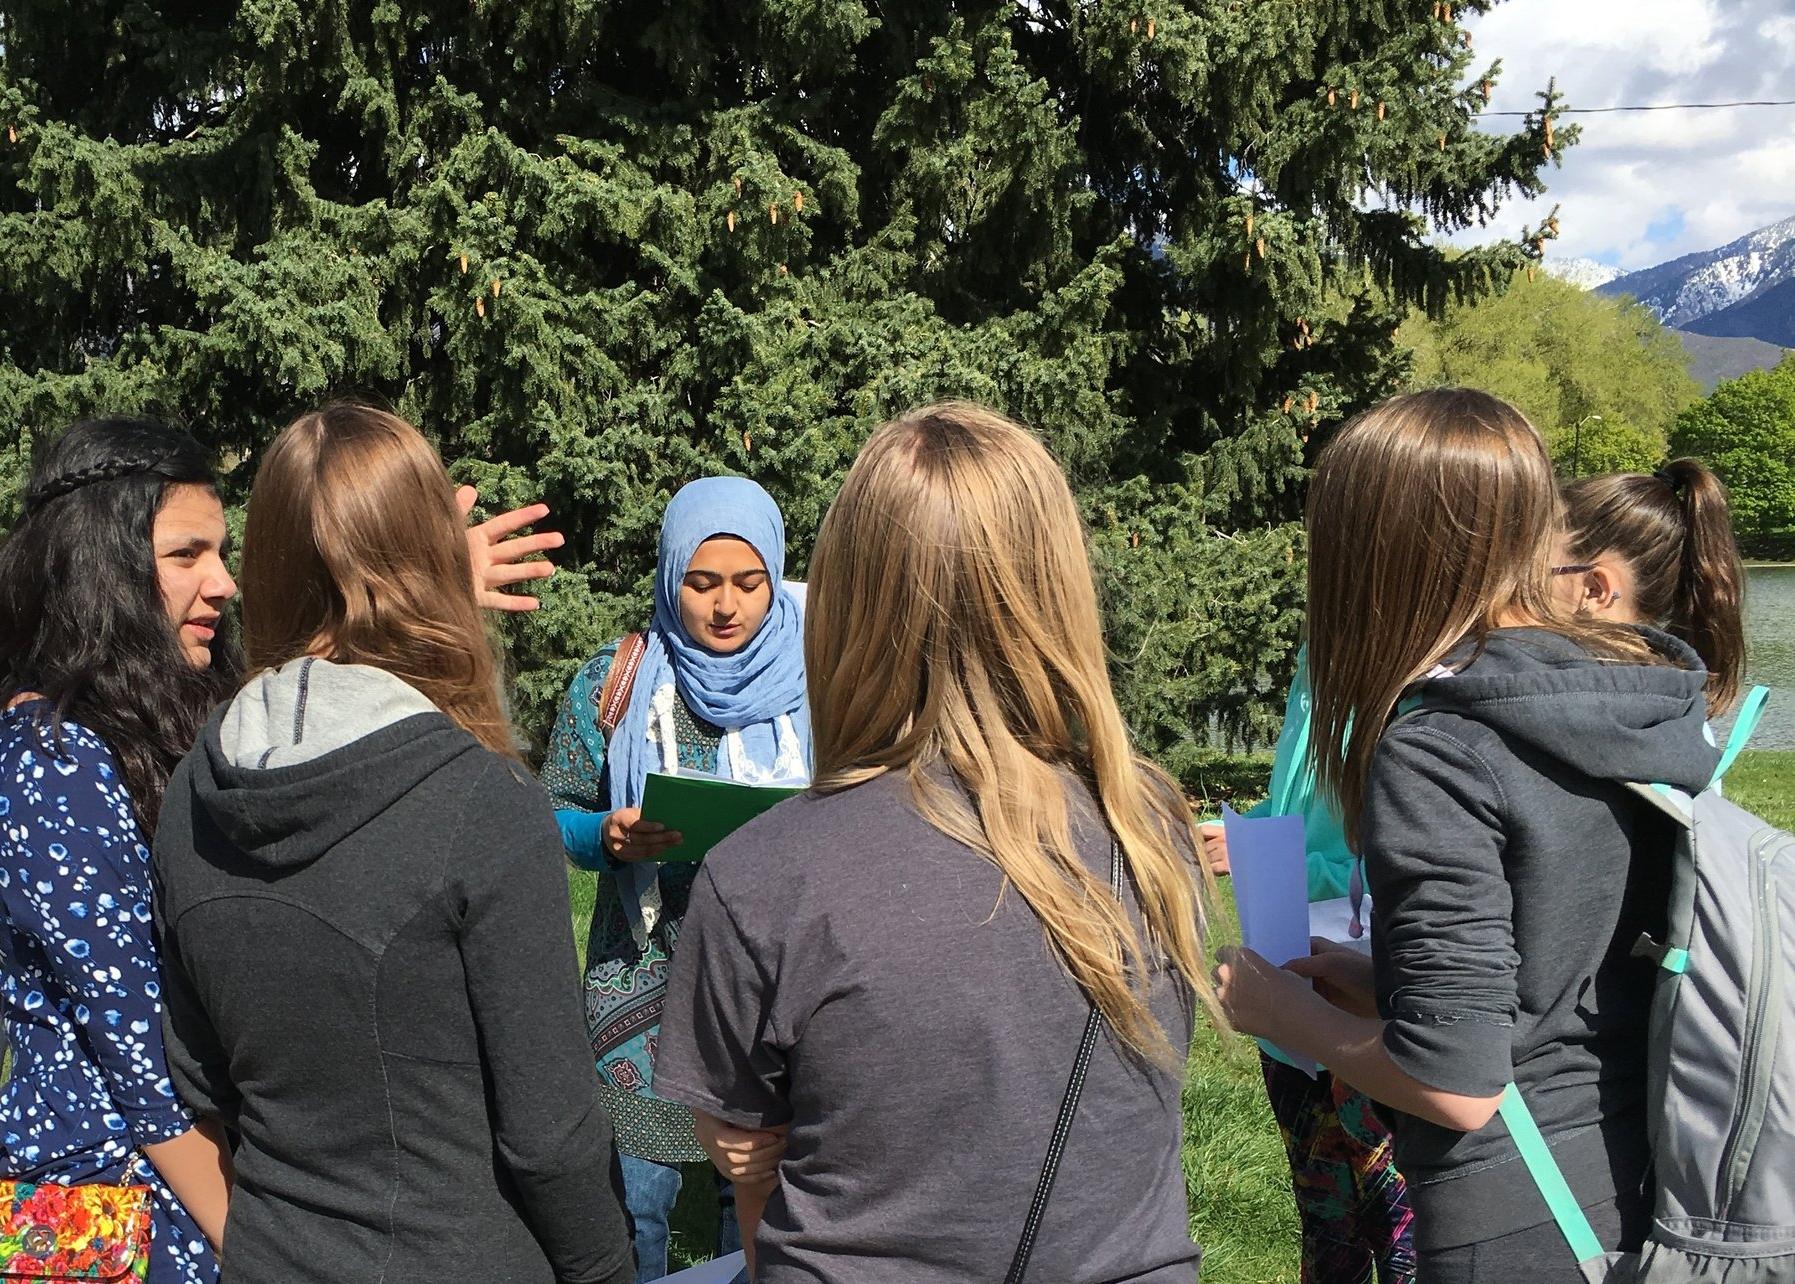 Girl Scouts of Utah troop #496 lead a group of girls on a Jane Jacobs Walk. Spring 2016 Salt Lake City, UT.